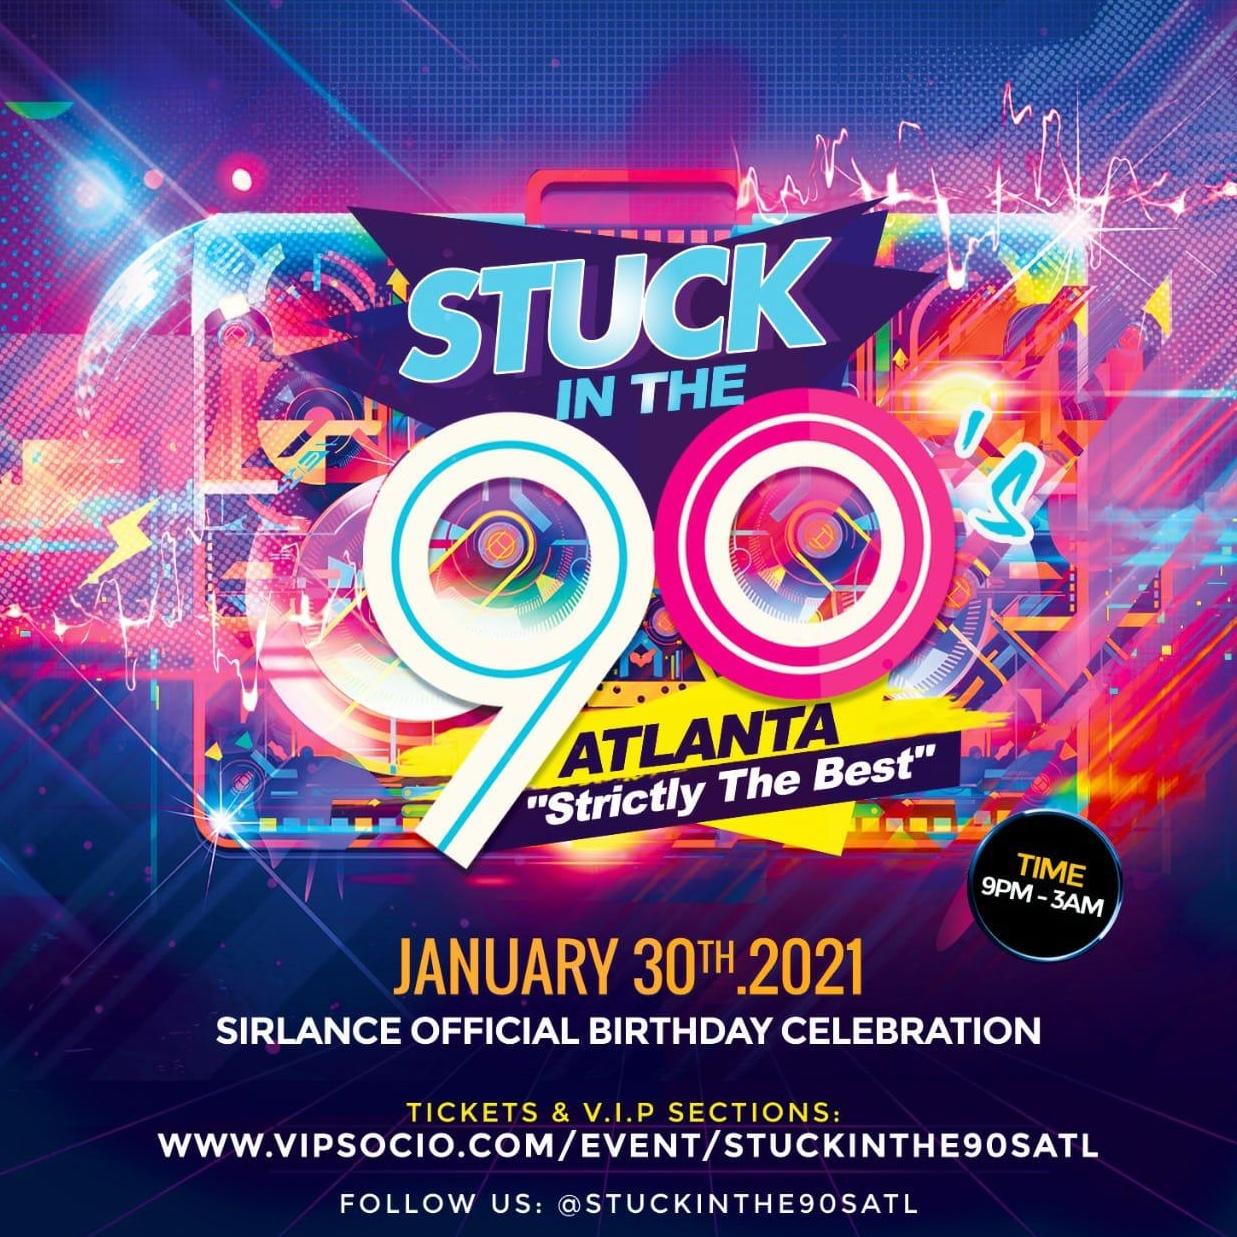 Stuck In The 90s - Atlanta